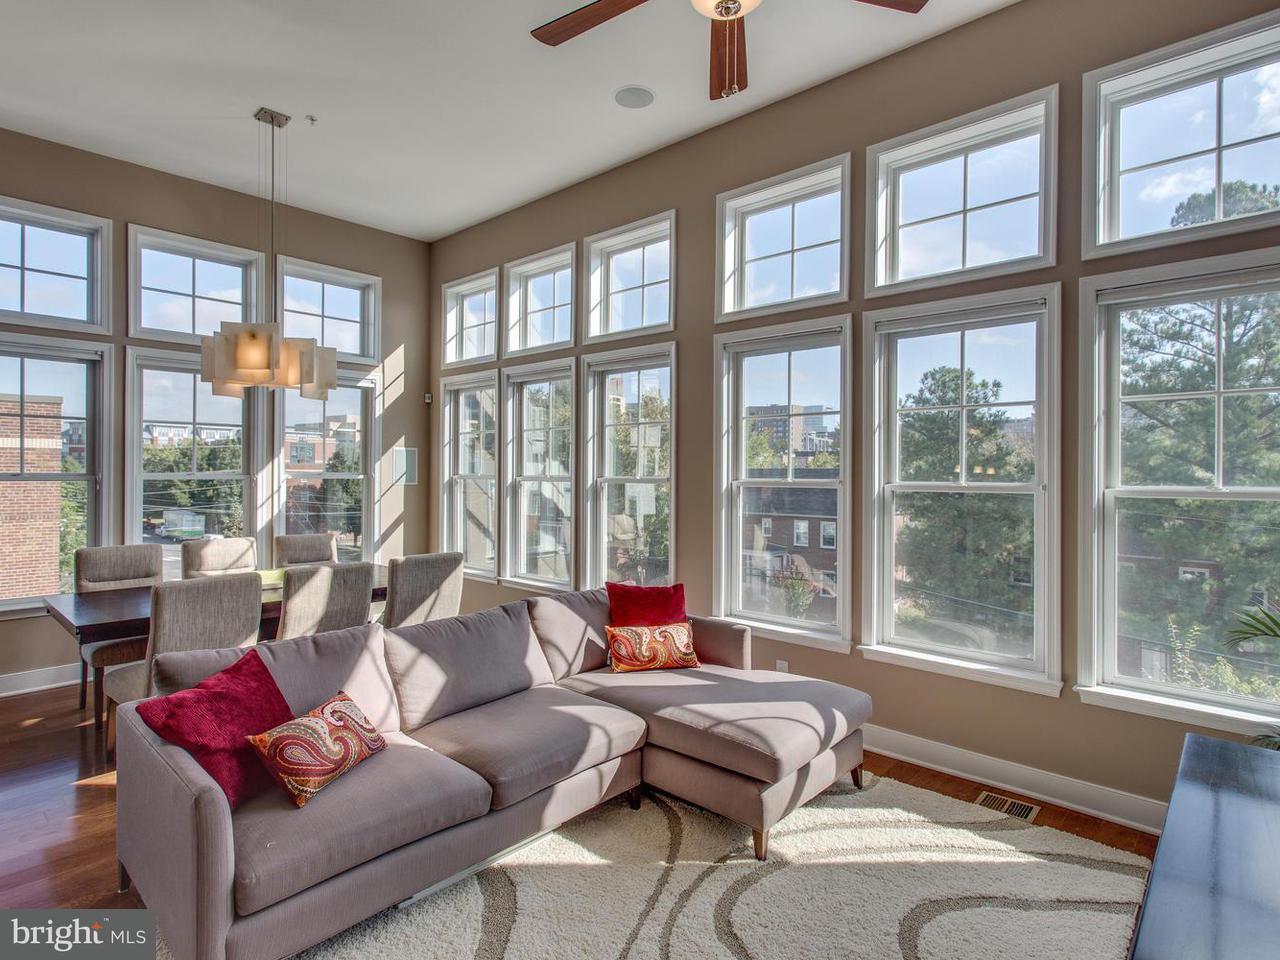 Πολυκατοικία ατομικής ιδιοκτησίας για την Πώληση στο 1418 RHODES ST #B408 1418 RHODES ST #B408 Arlington, Βιρτζινια 22209 Ηνωμενεσ Πολιτειεσ